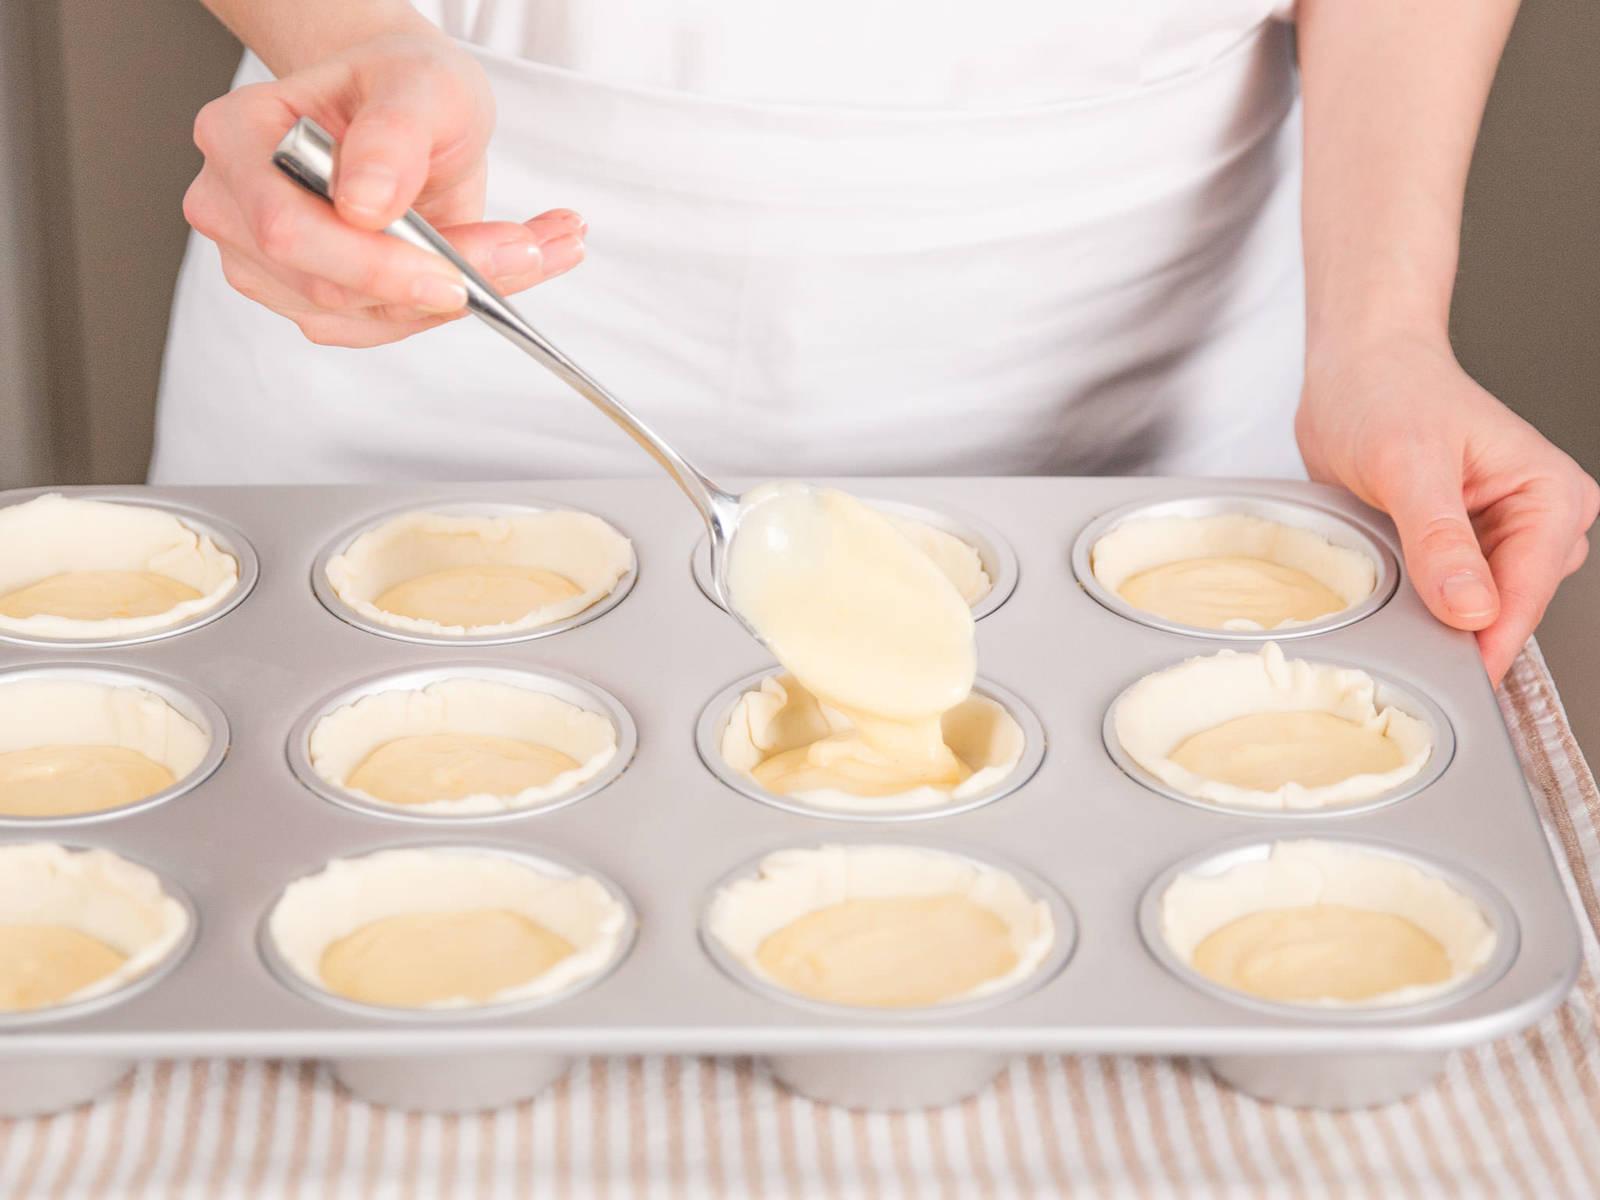 将香草奶油倒到每个烤盘中,直至盖到边缘。放到烤箱中层,以240℃烤12-15分钟,或直至酥皮呈金黄色,且中间填料呈焦糖状。尽情享用吧!